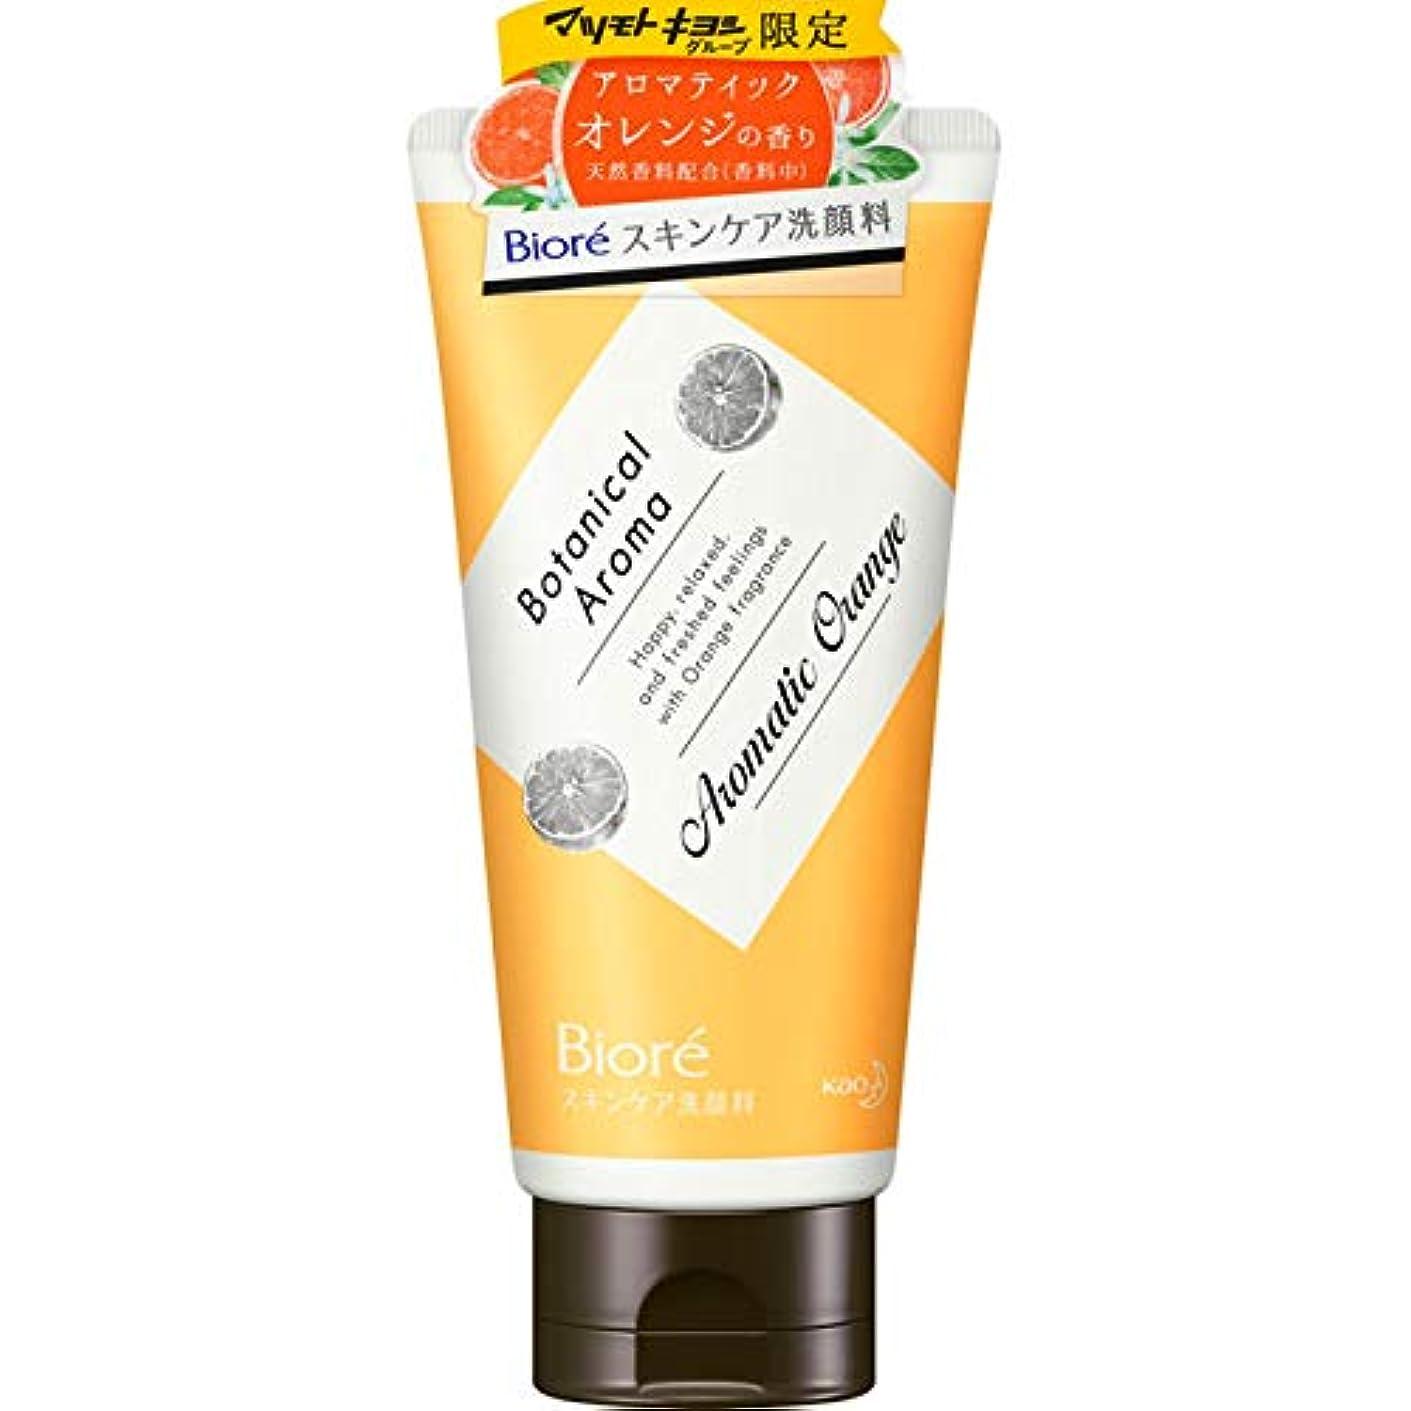 無秩序鈍い地震MK ビオレ スキンケア洗顔料 アロマティックオレンジの香り 130G